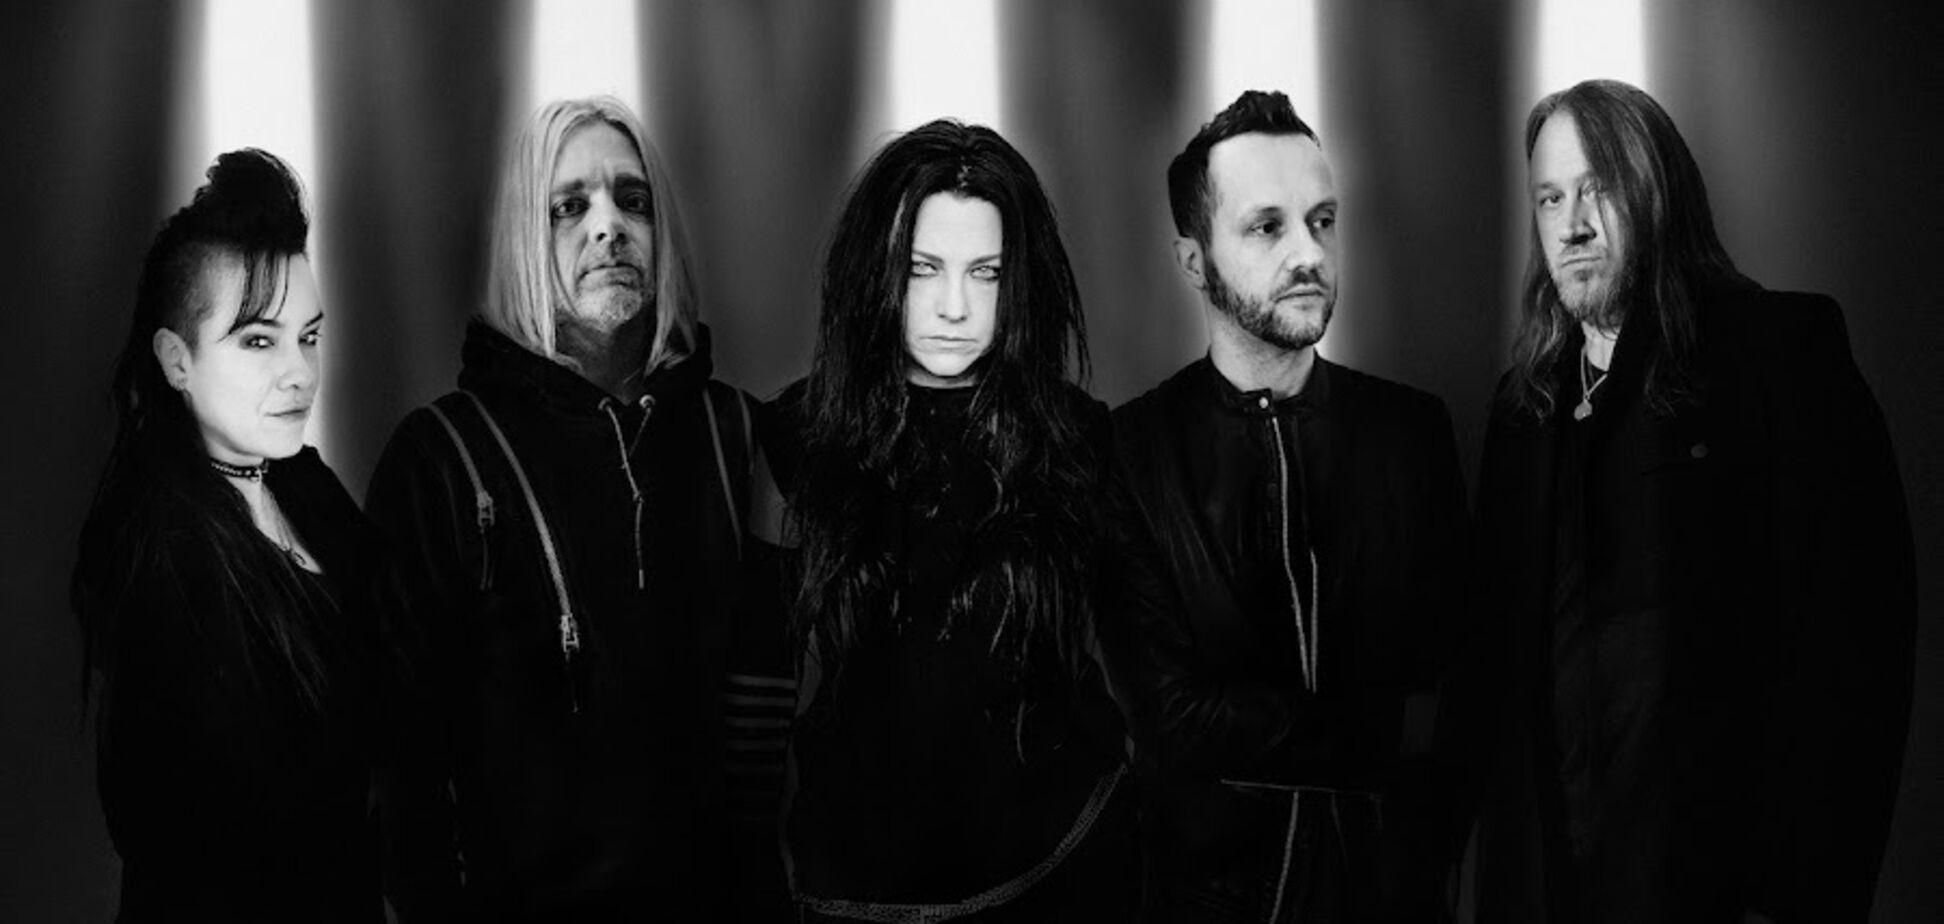 Рок-группа Evanescence выпустила альбом с оригинальными песнями впервые за 10 лет